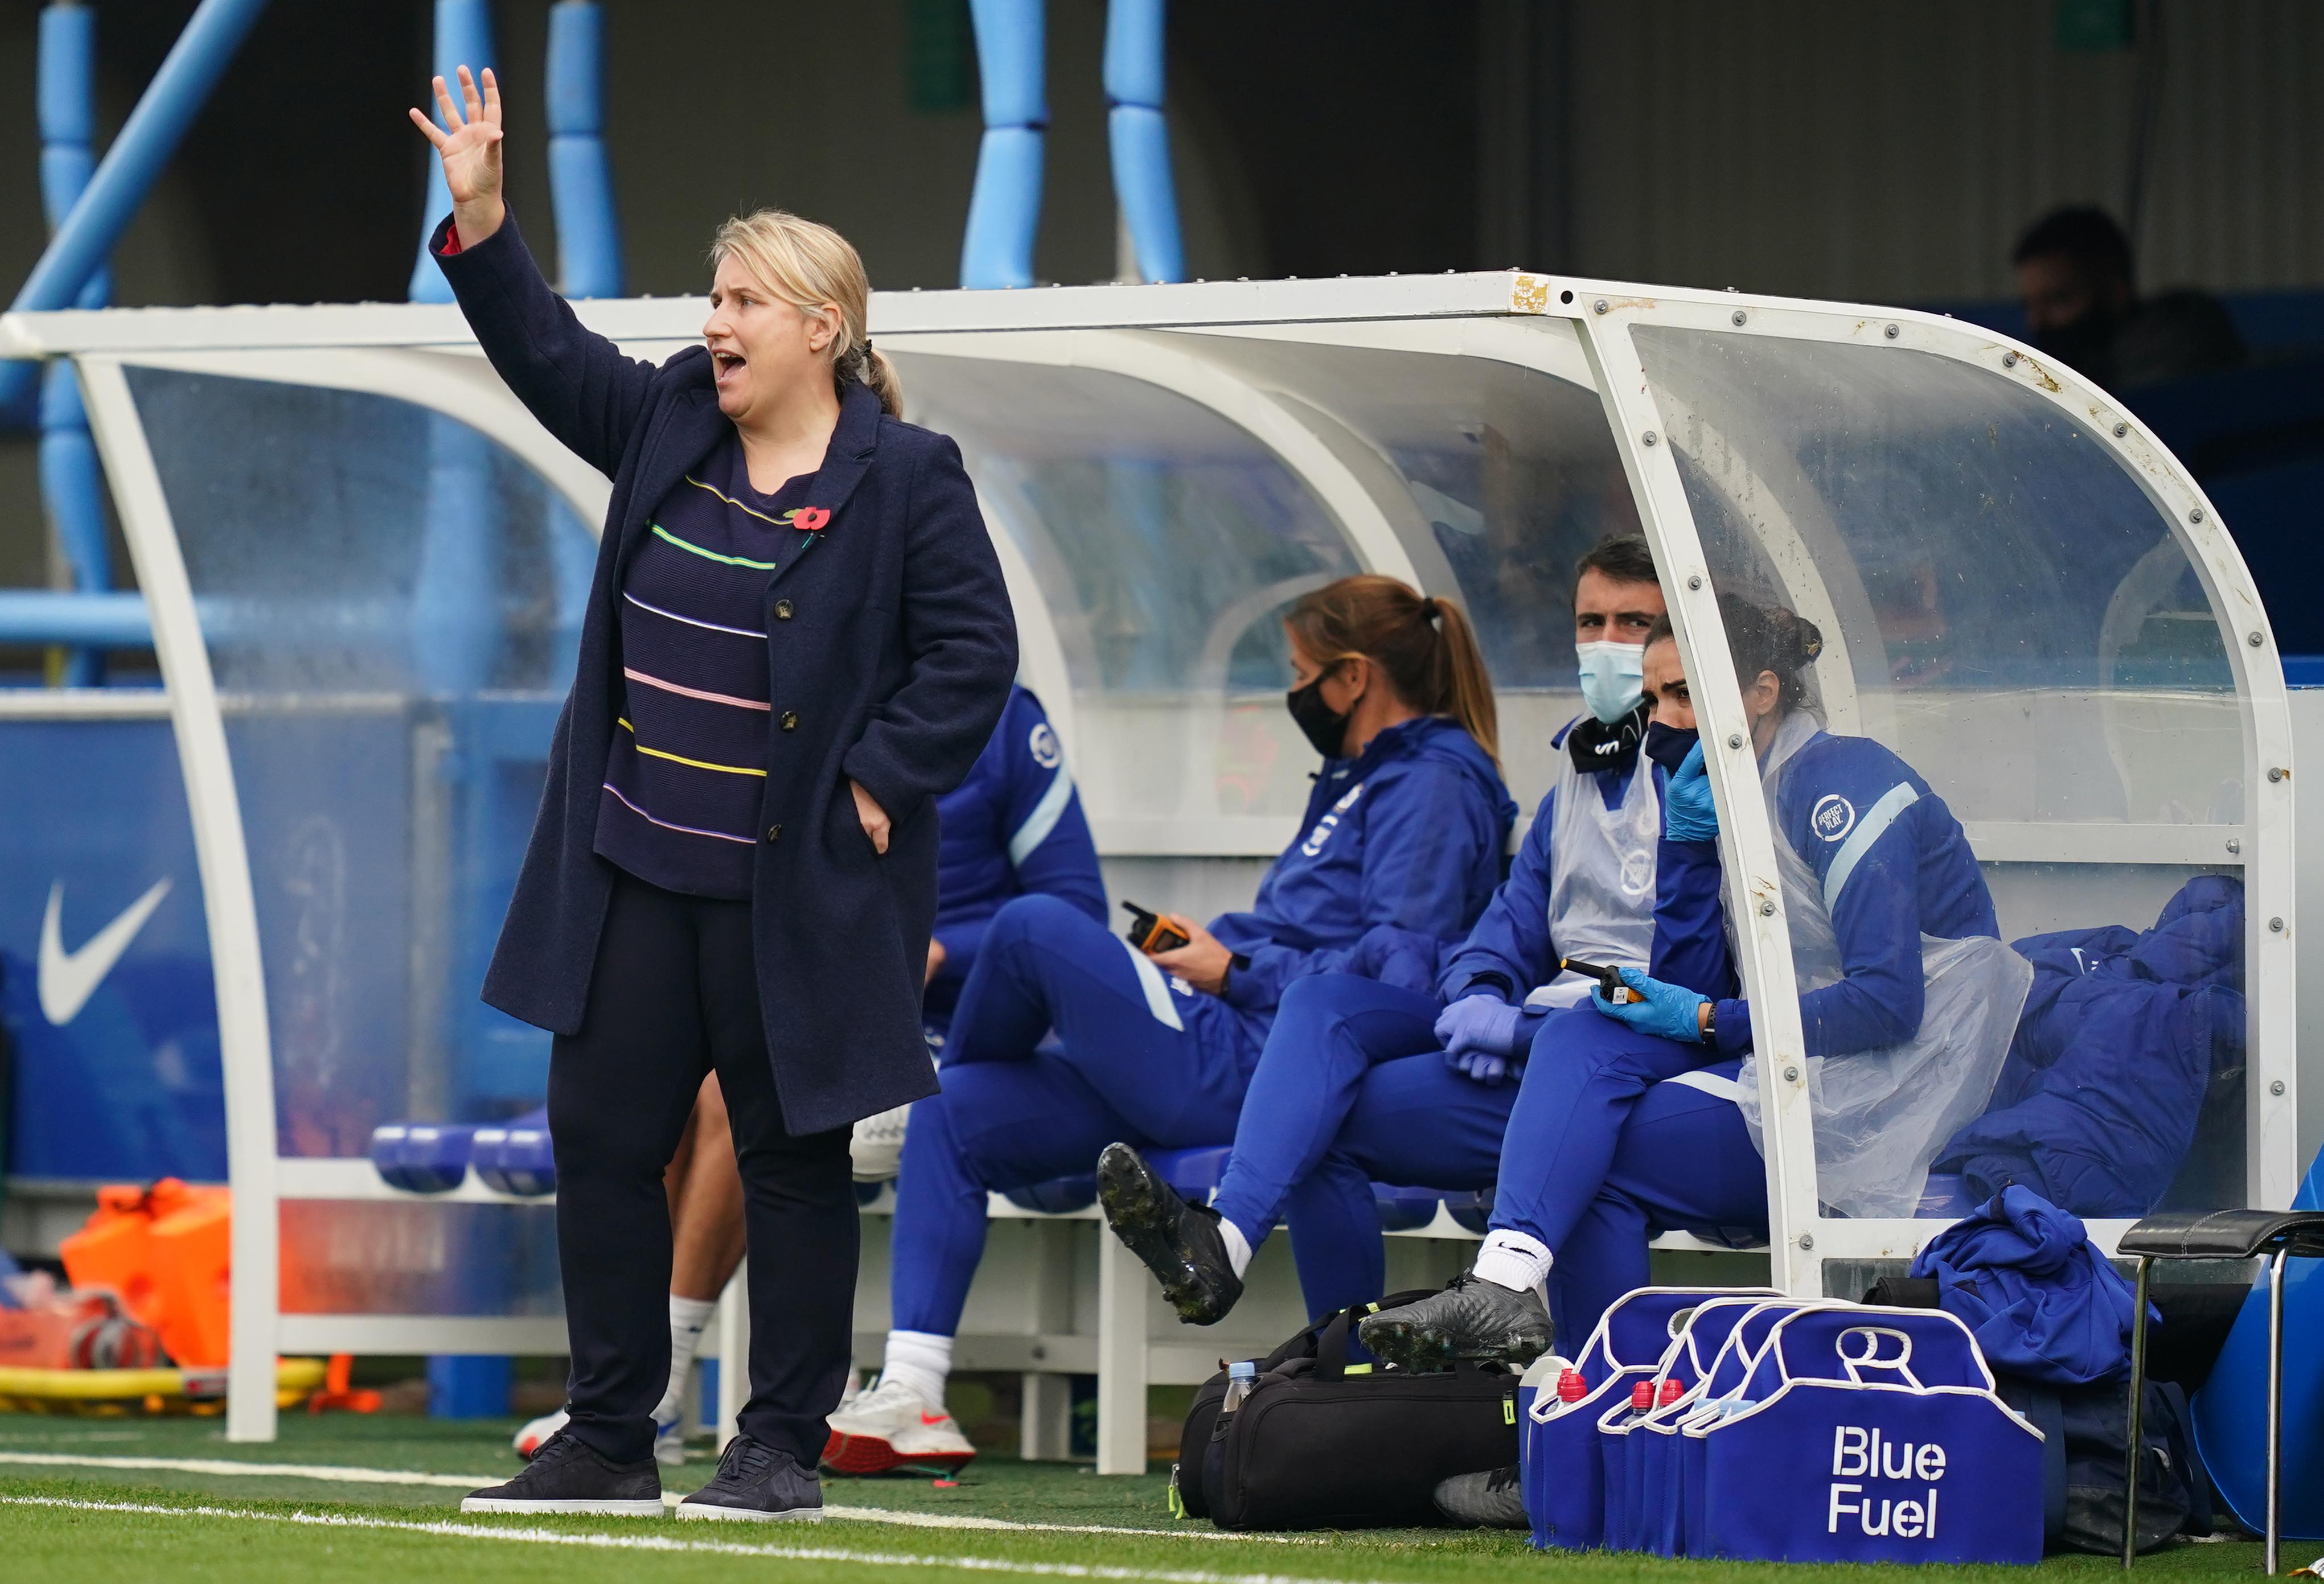 切尔西v everton  -  FA女式超级联赛 - 金斯曼